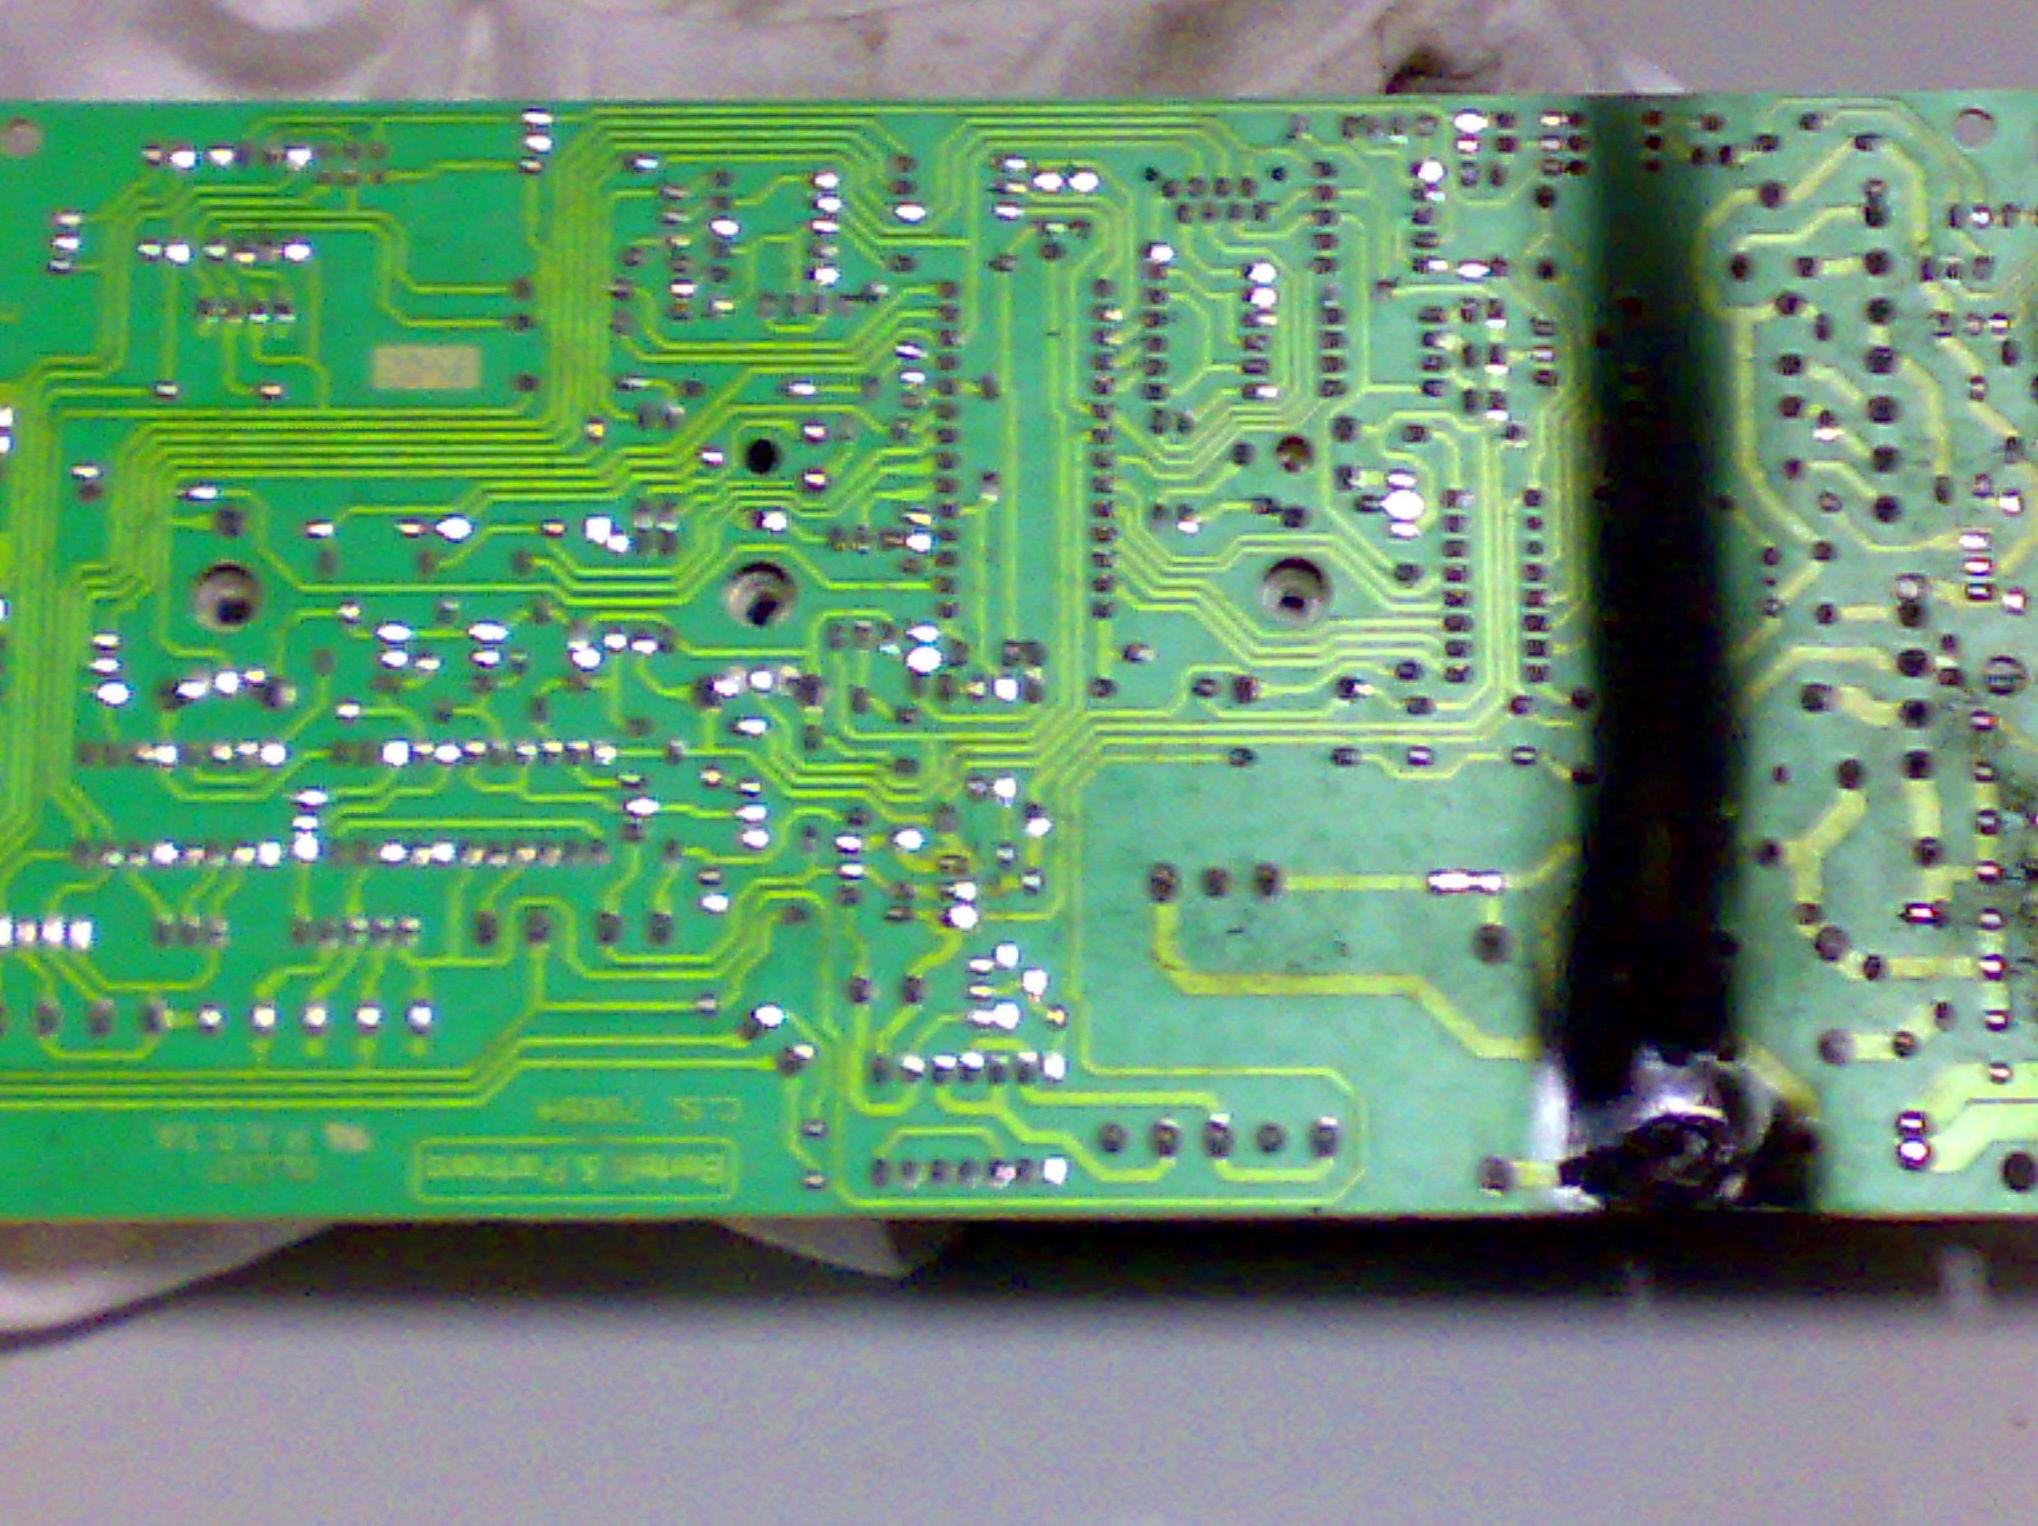 Reparaciones de targetas electronicas para calderas.